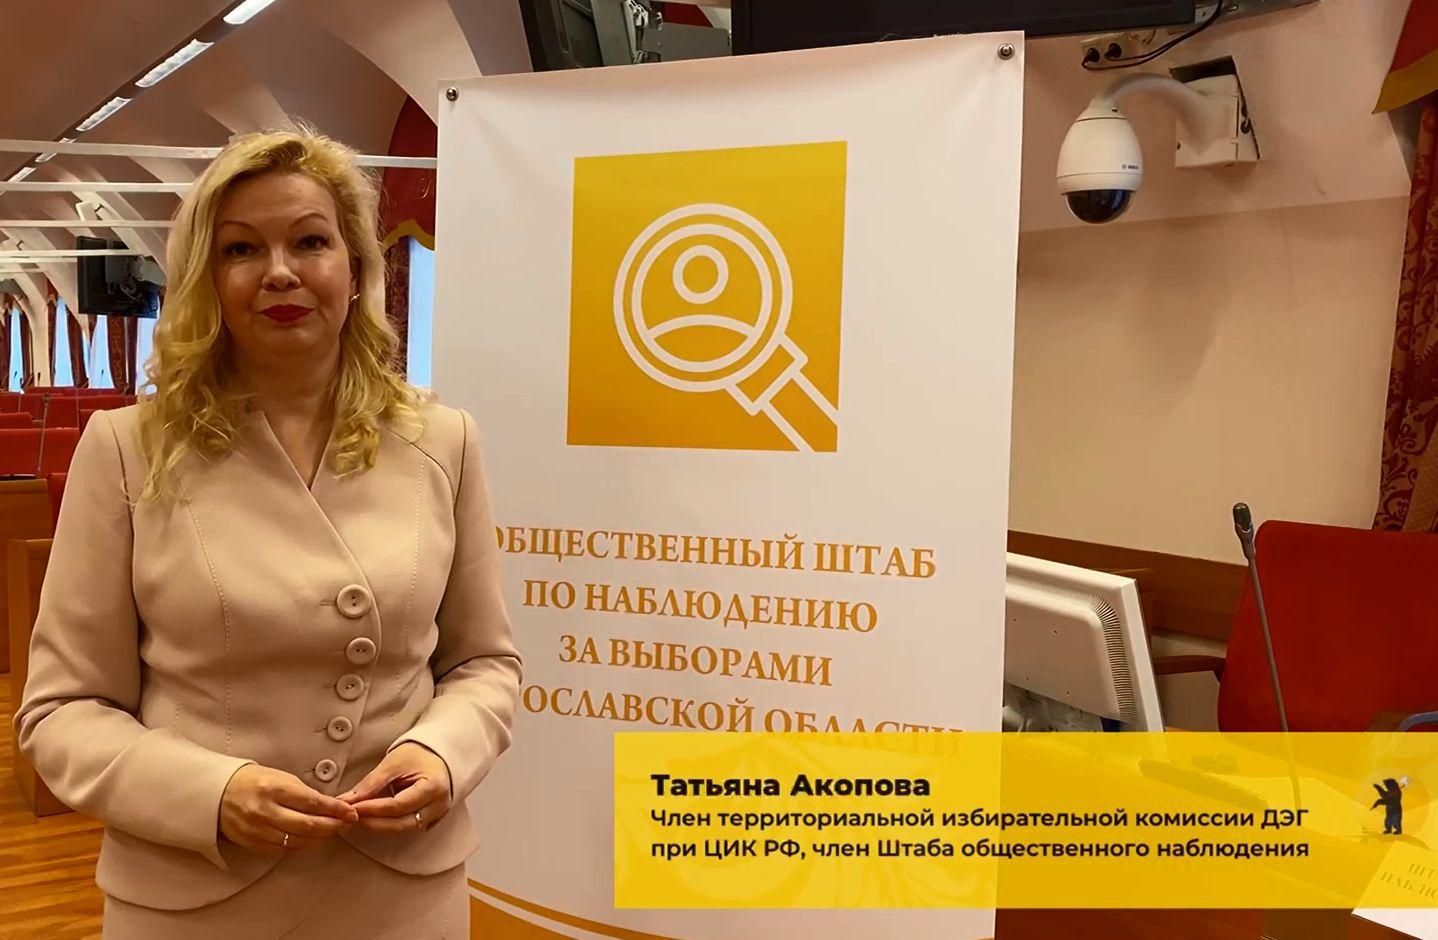 Член территориальной избирательной комиссии дистанционного голосования при ЦИК РФ Татьяна Акопова прокомментировала ход голосования в Ярославской области